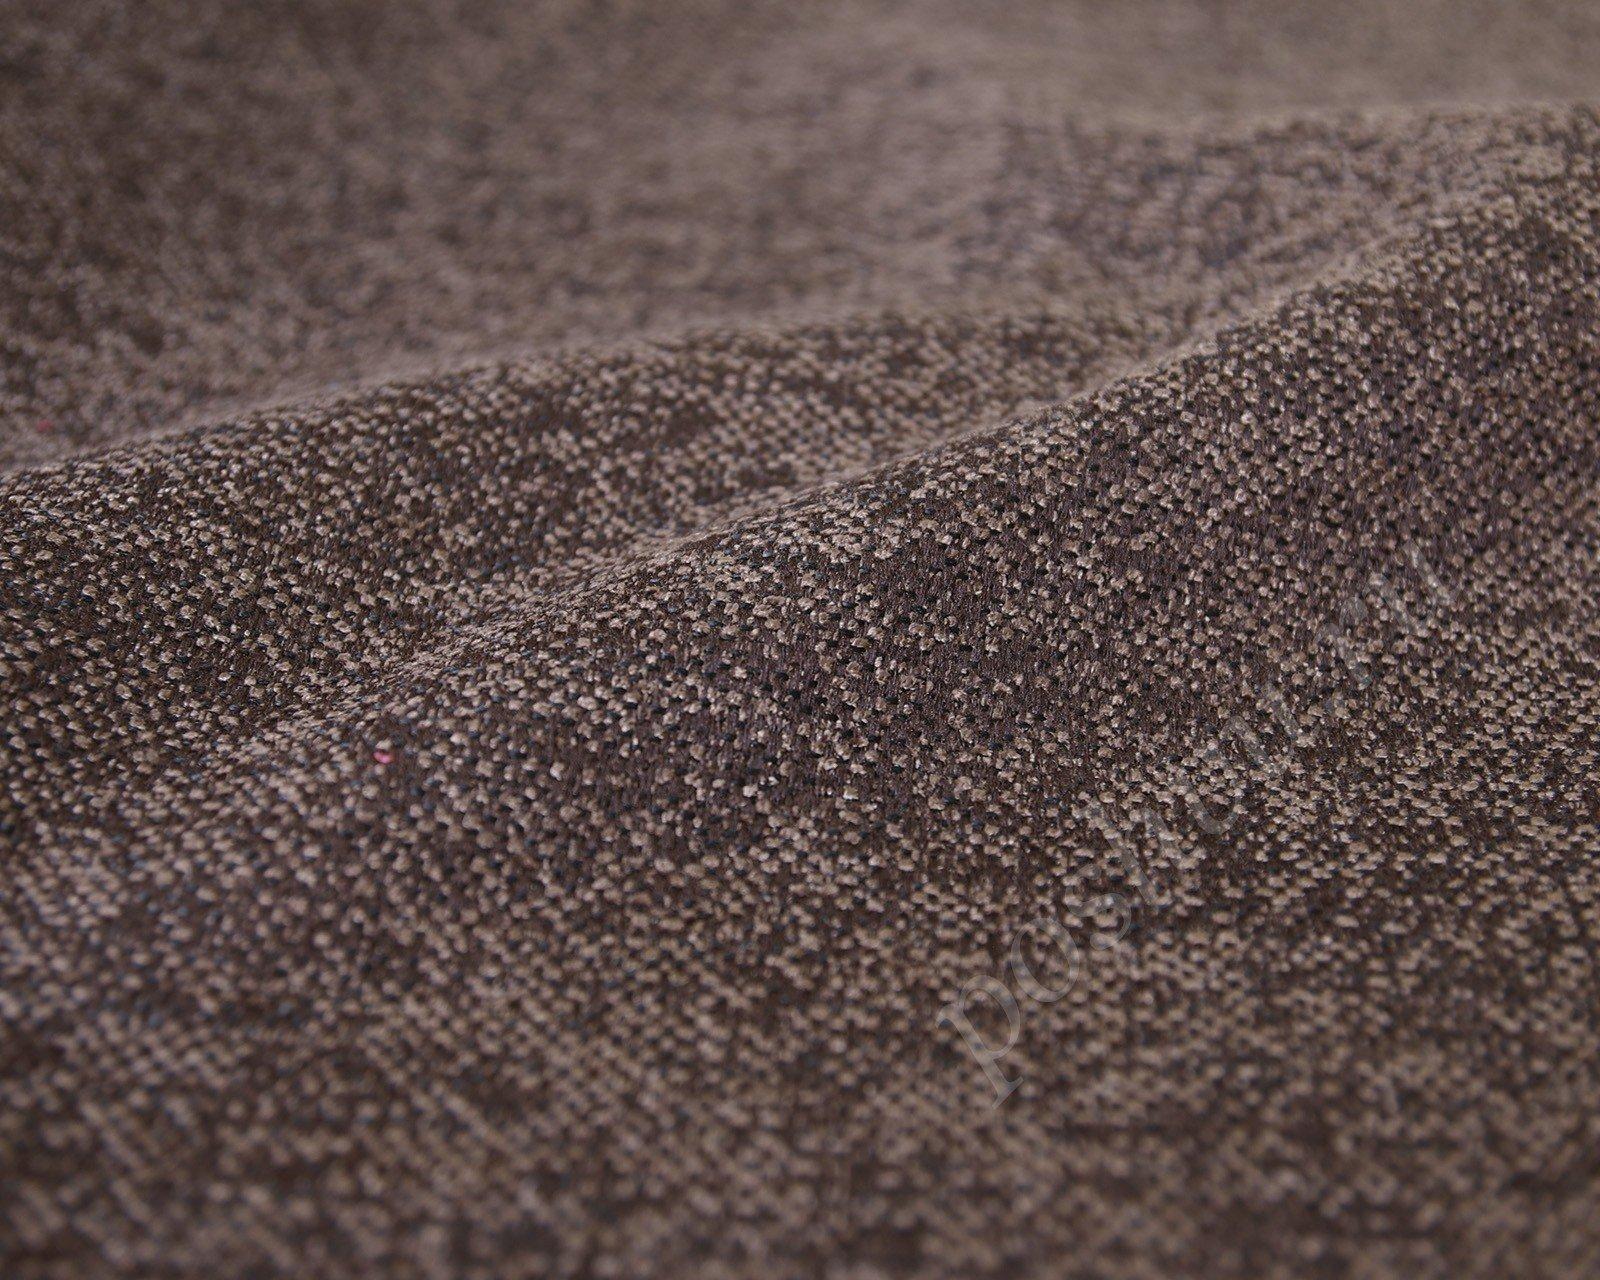 Купить ткань шенилл оптом, мебельная ткань шенилл для дивана, низкие цены | ооо «кластек»